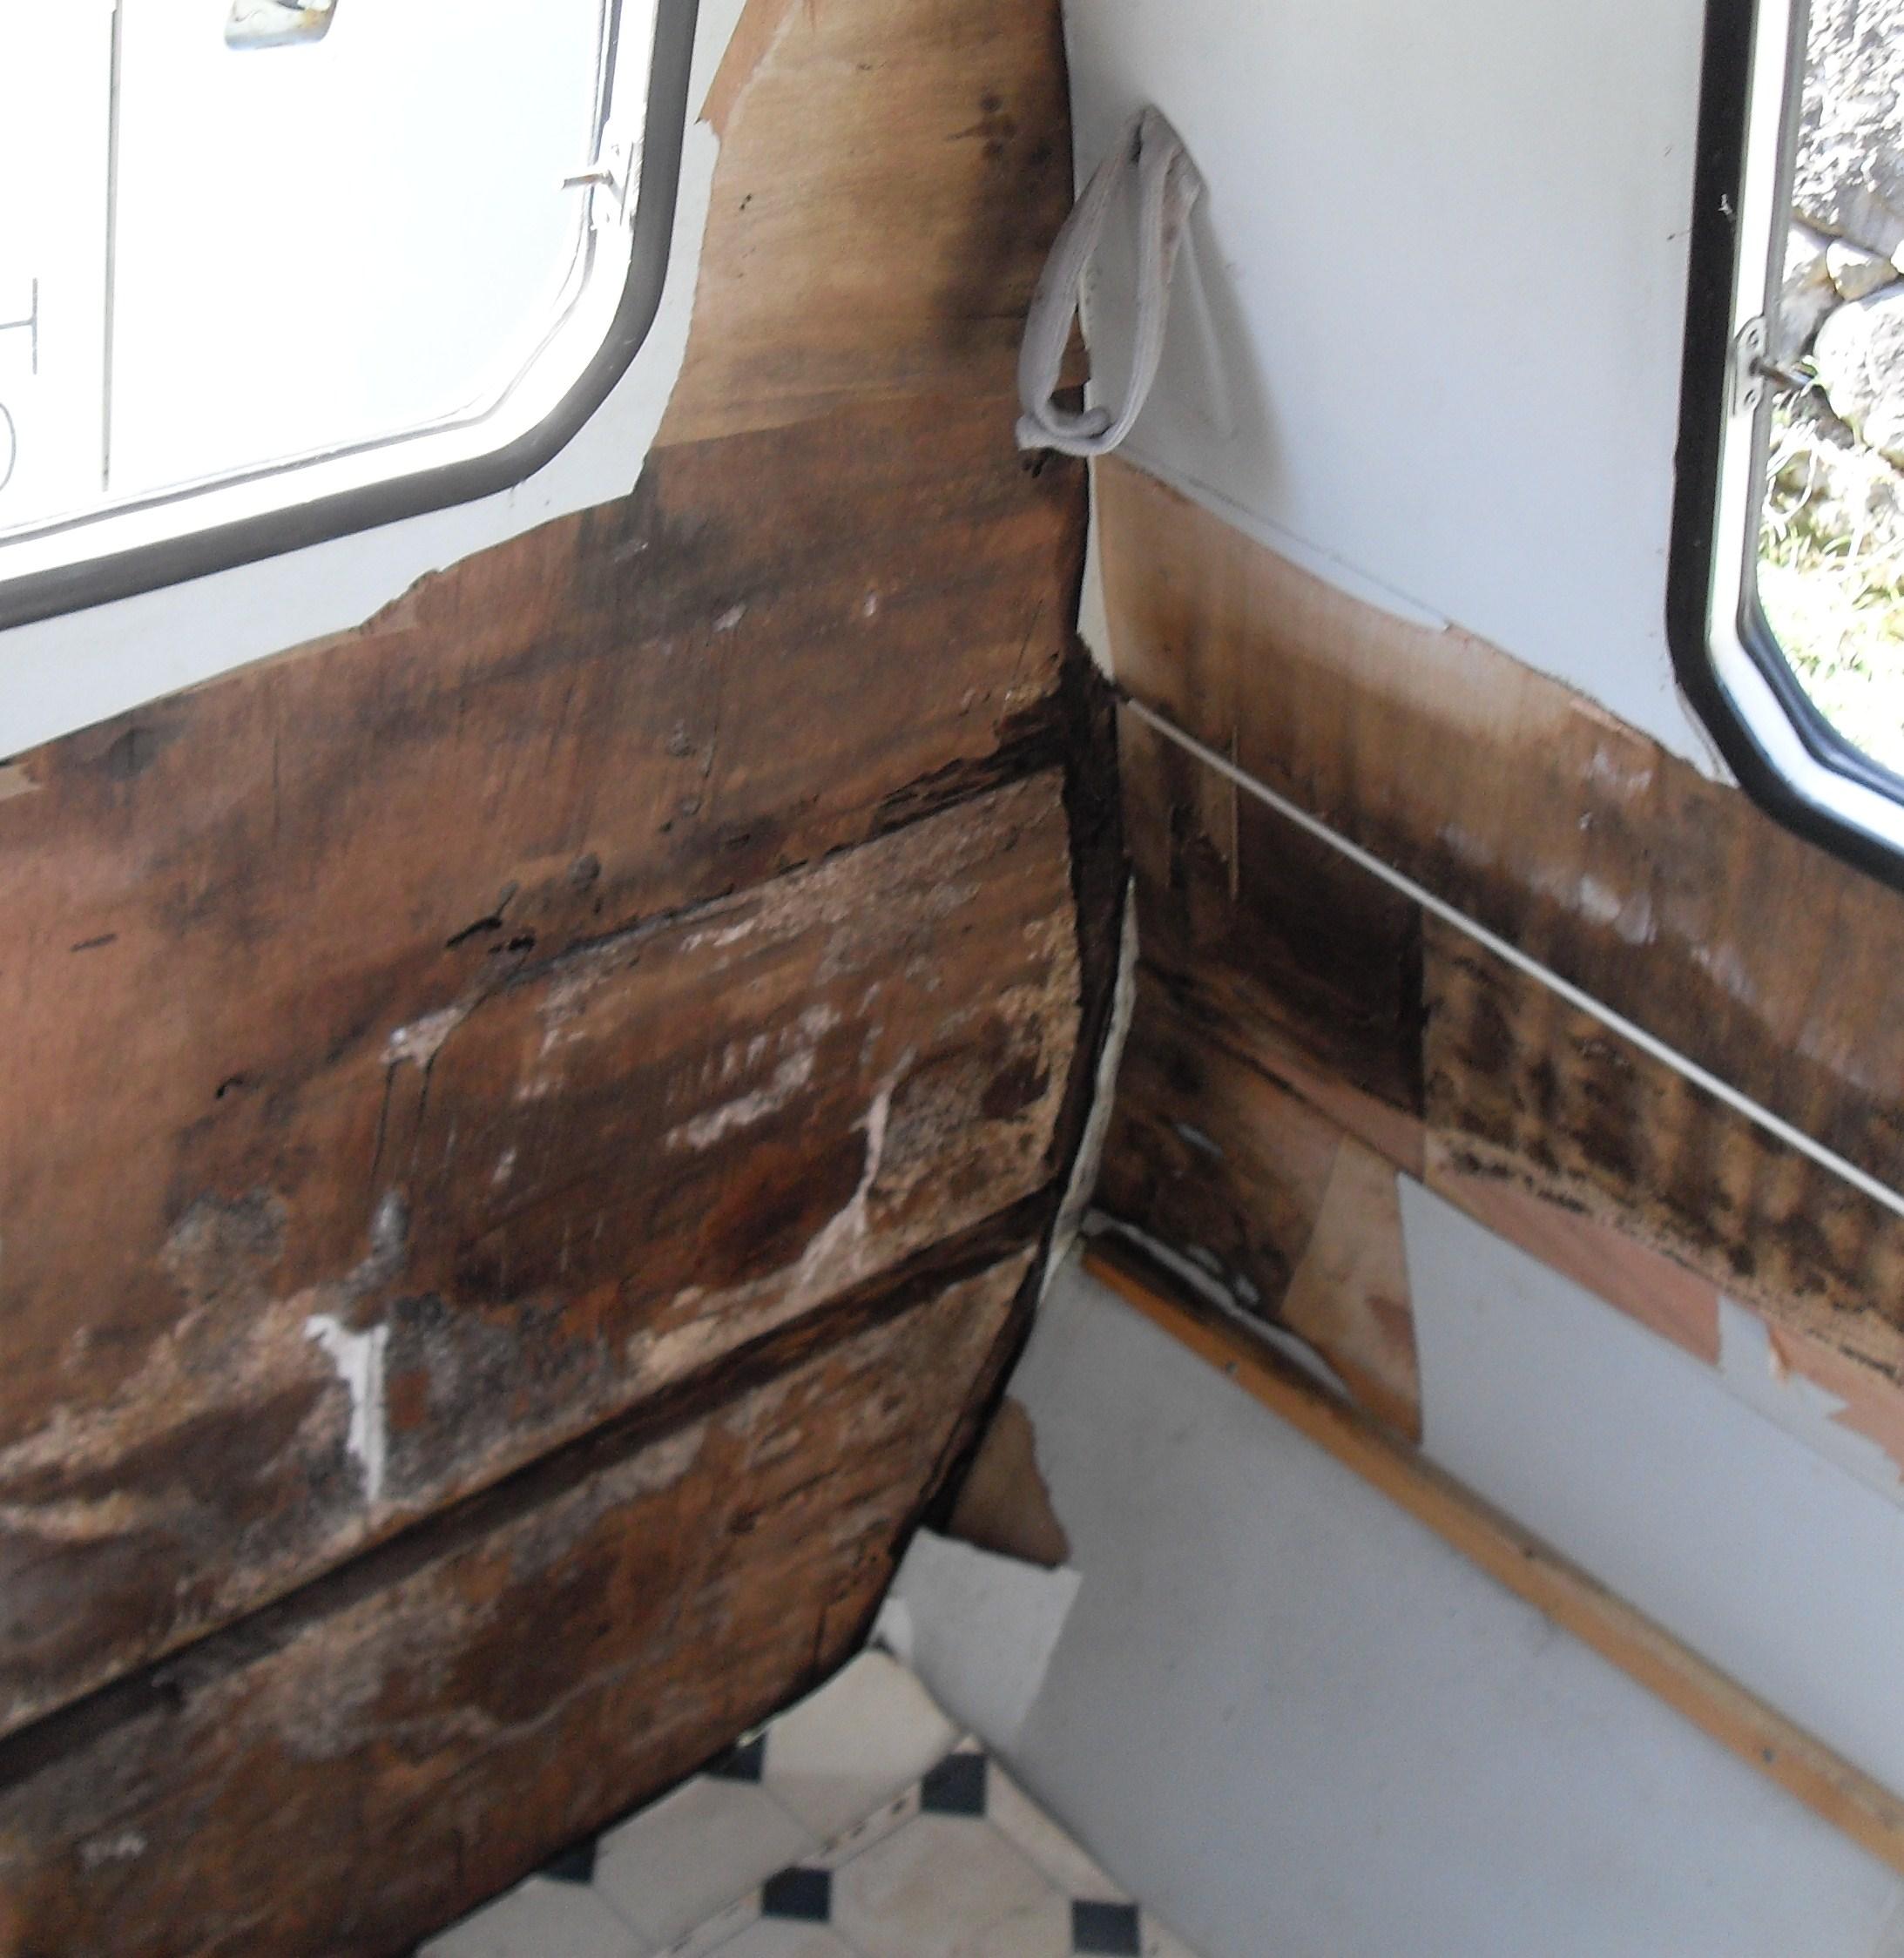 Reforma Baño Caravana:tuvimos que cambiar incluso la chapa